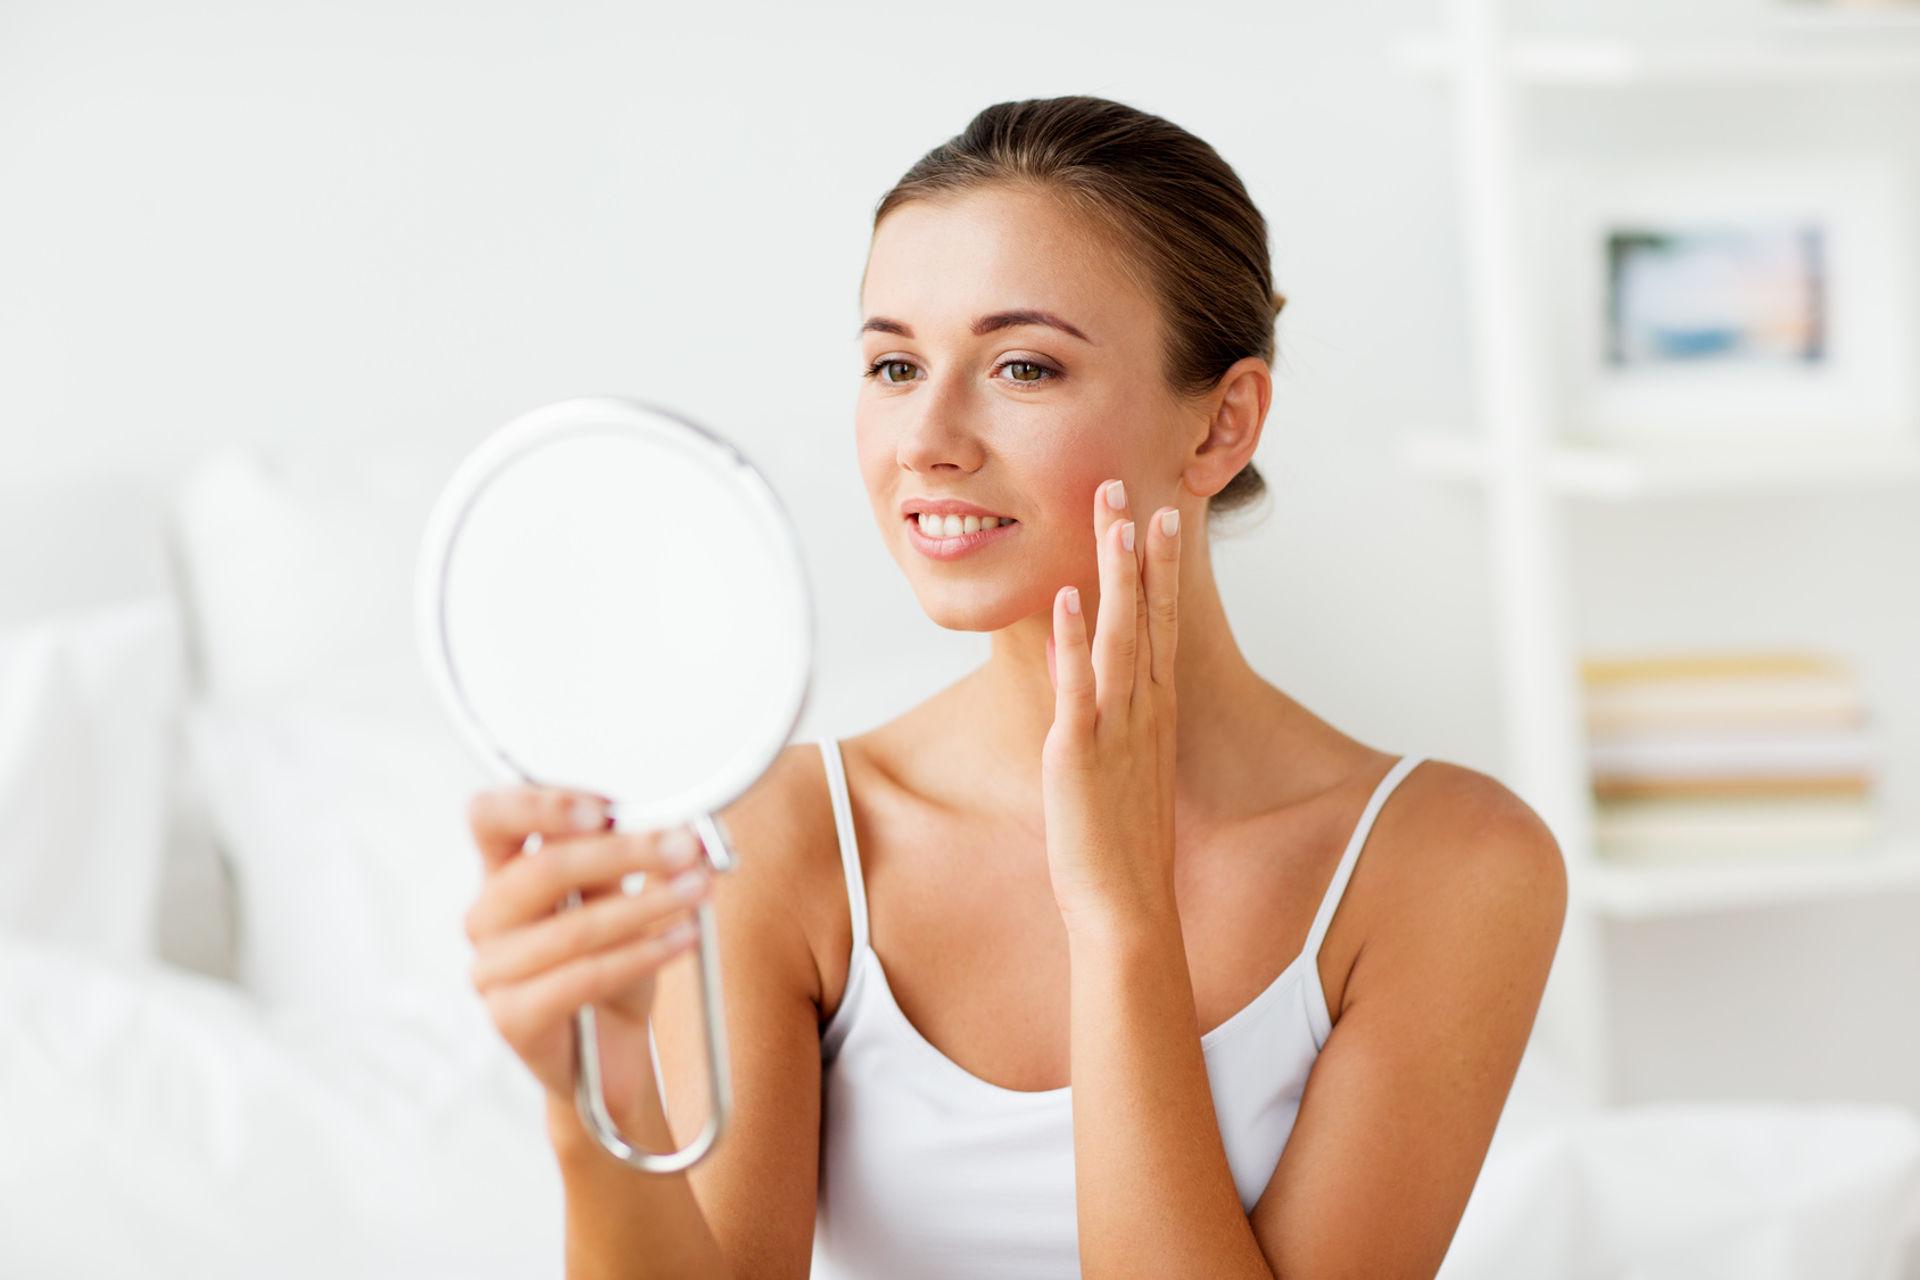 Tratamiento facial de belleza Madrid | Clínica Estética Teresa Nieto en Madrid